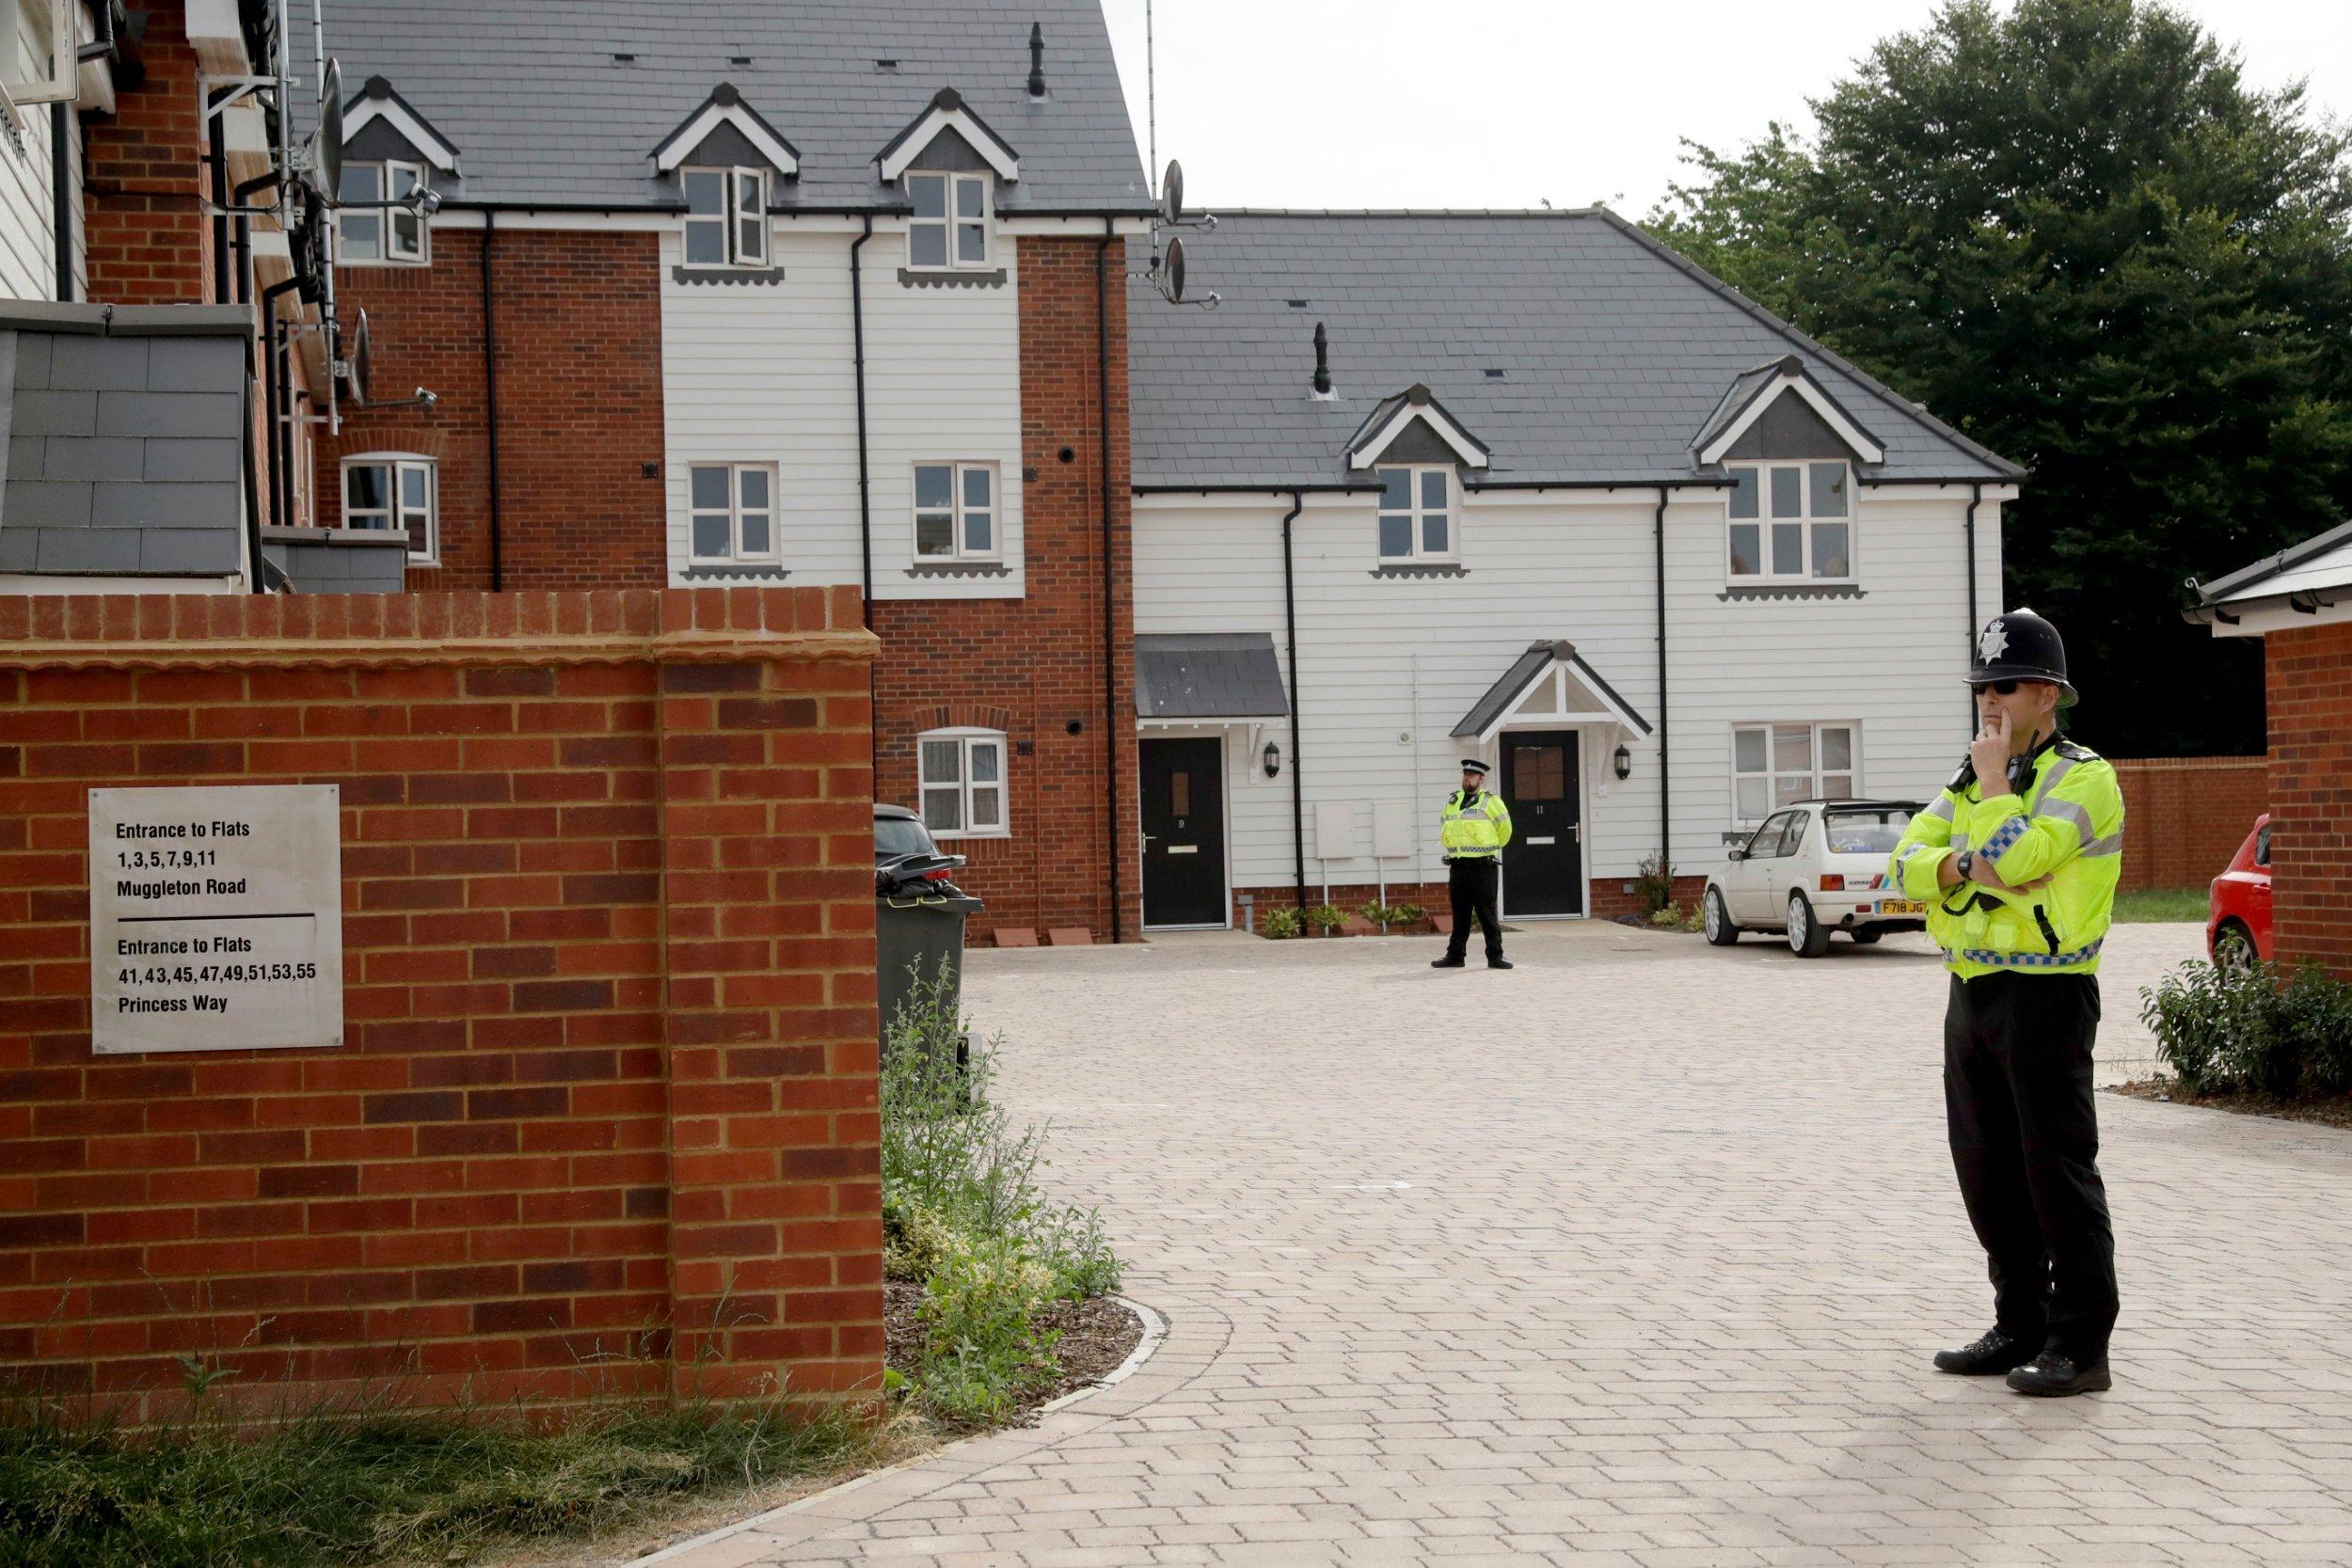 Rusia exige a Reino Unido pruebas de acusaciones sobre el caso de Amesbury